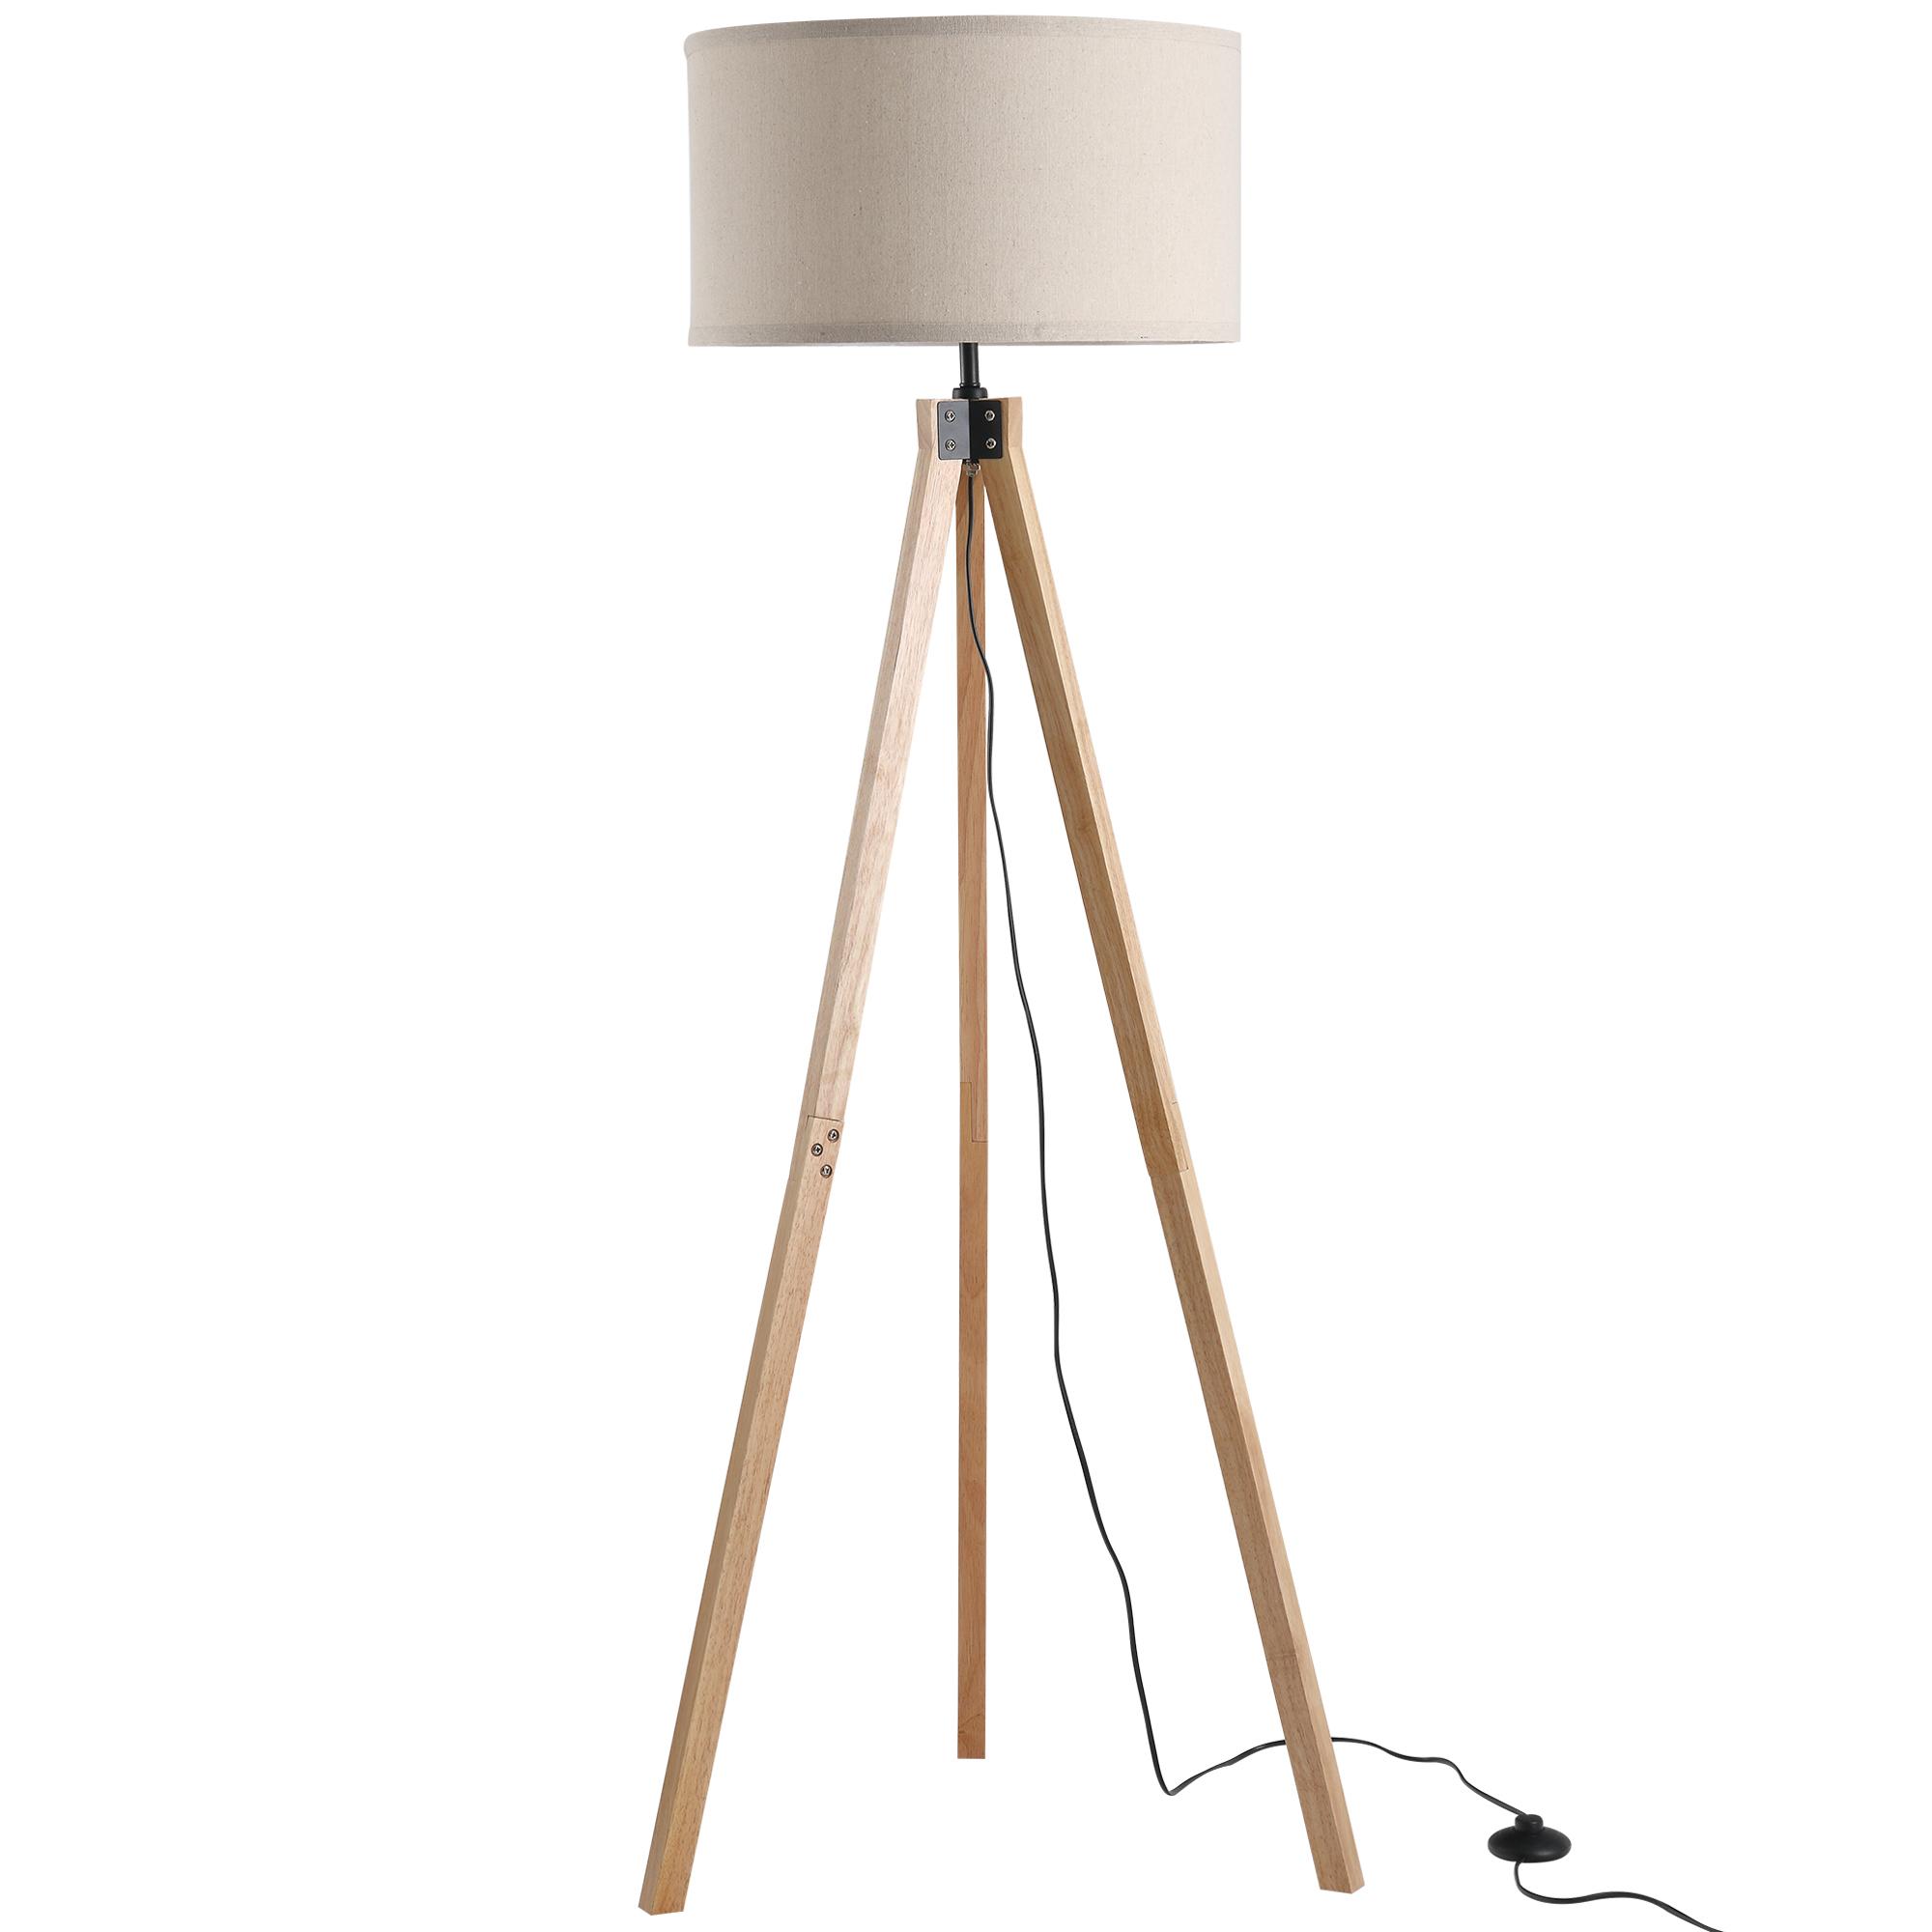 Lampadaire trépied style scandinave H152 cm bois de pin lin beige